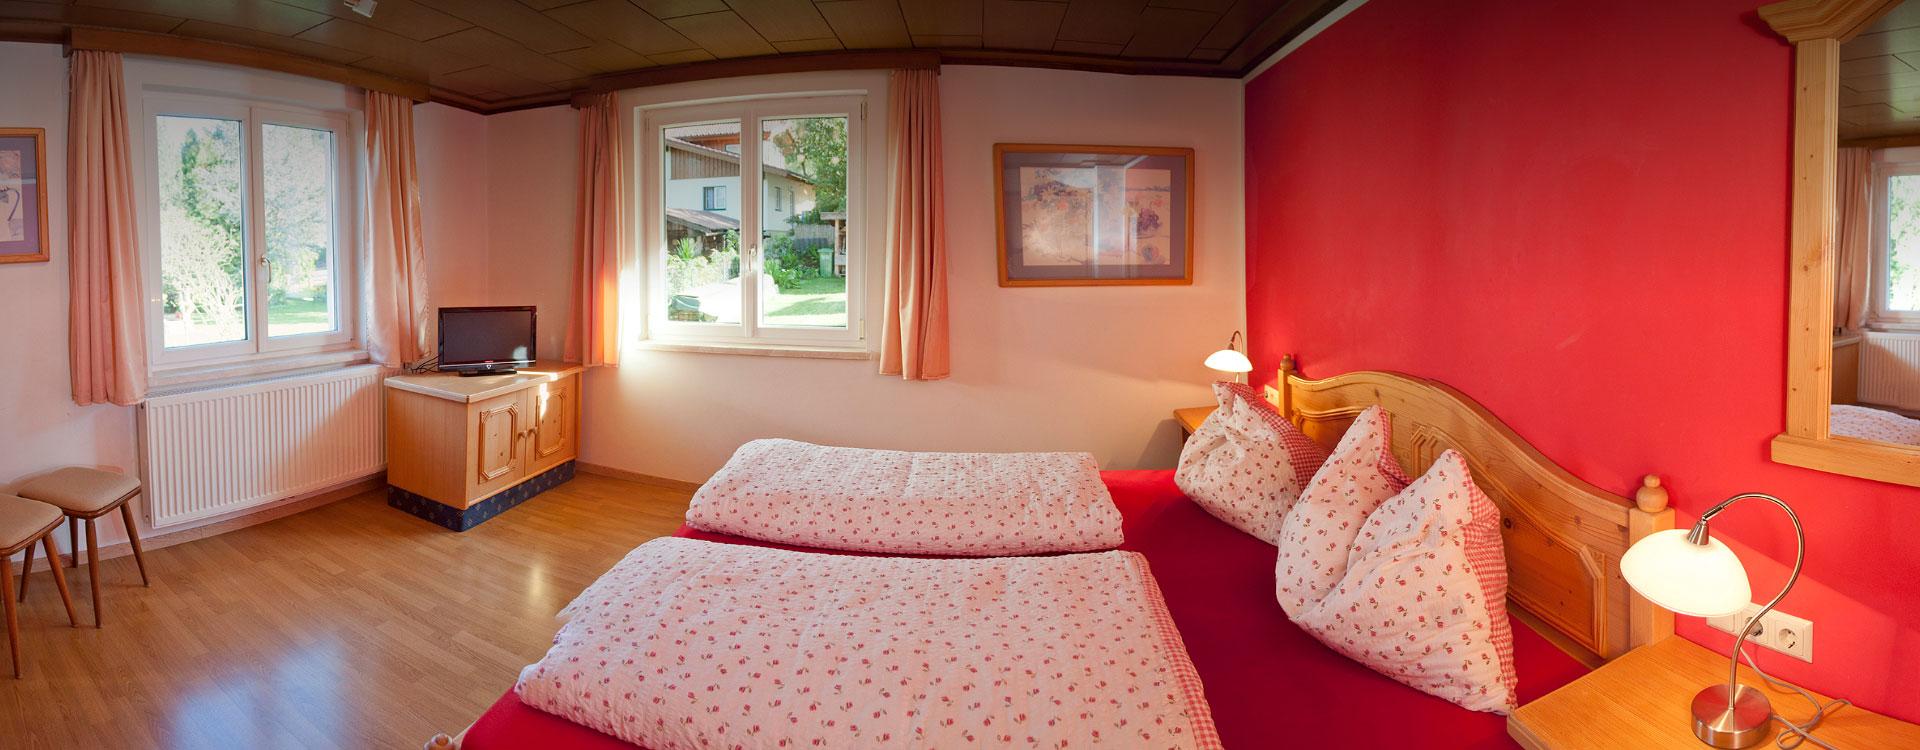 Appartements in Haus im Ennstal, Steiermark